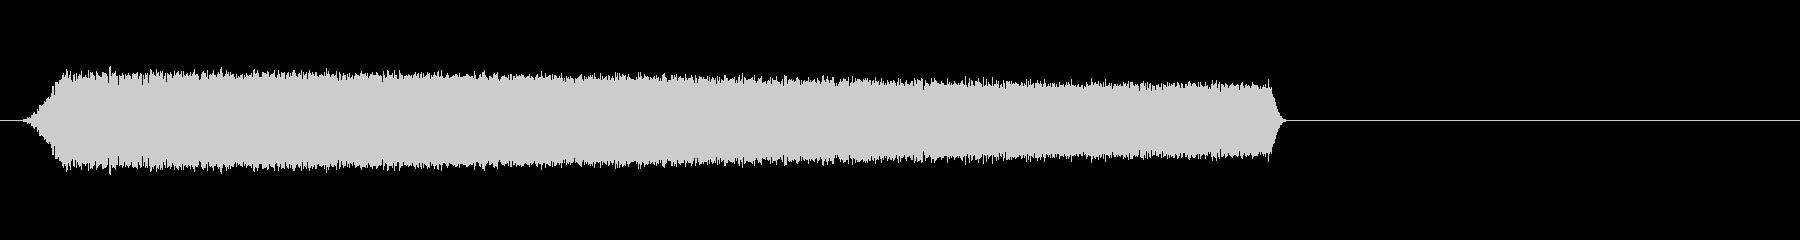 ブゥゥワァァァシャーー ジェット音ぽいの未再生の波形